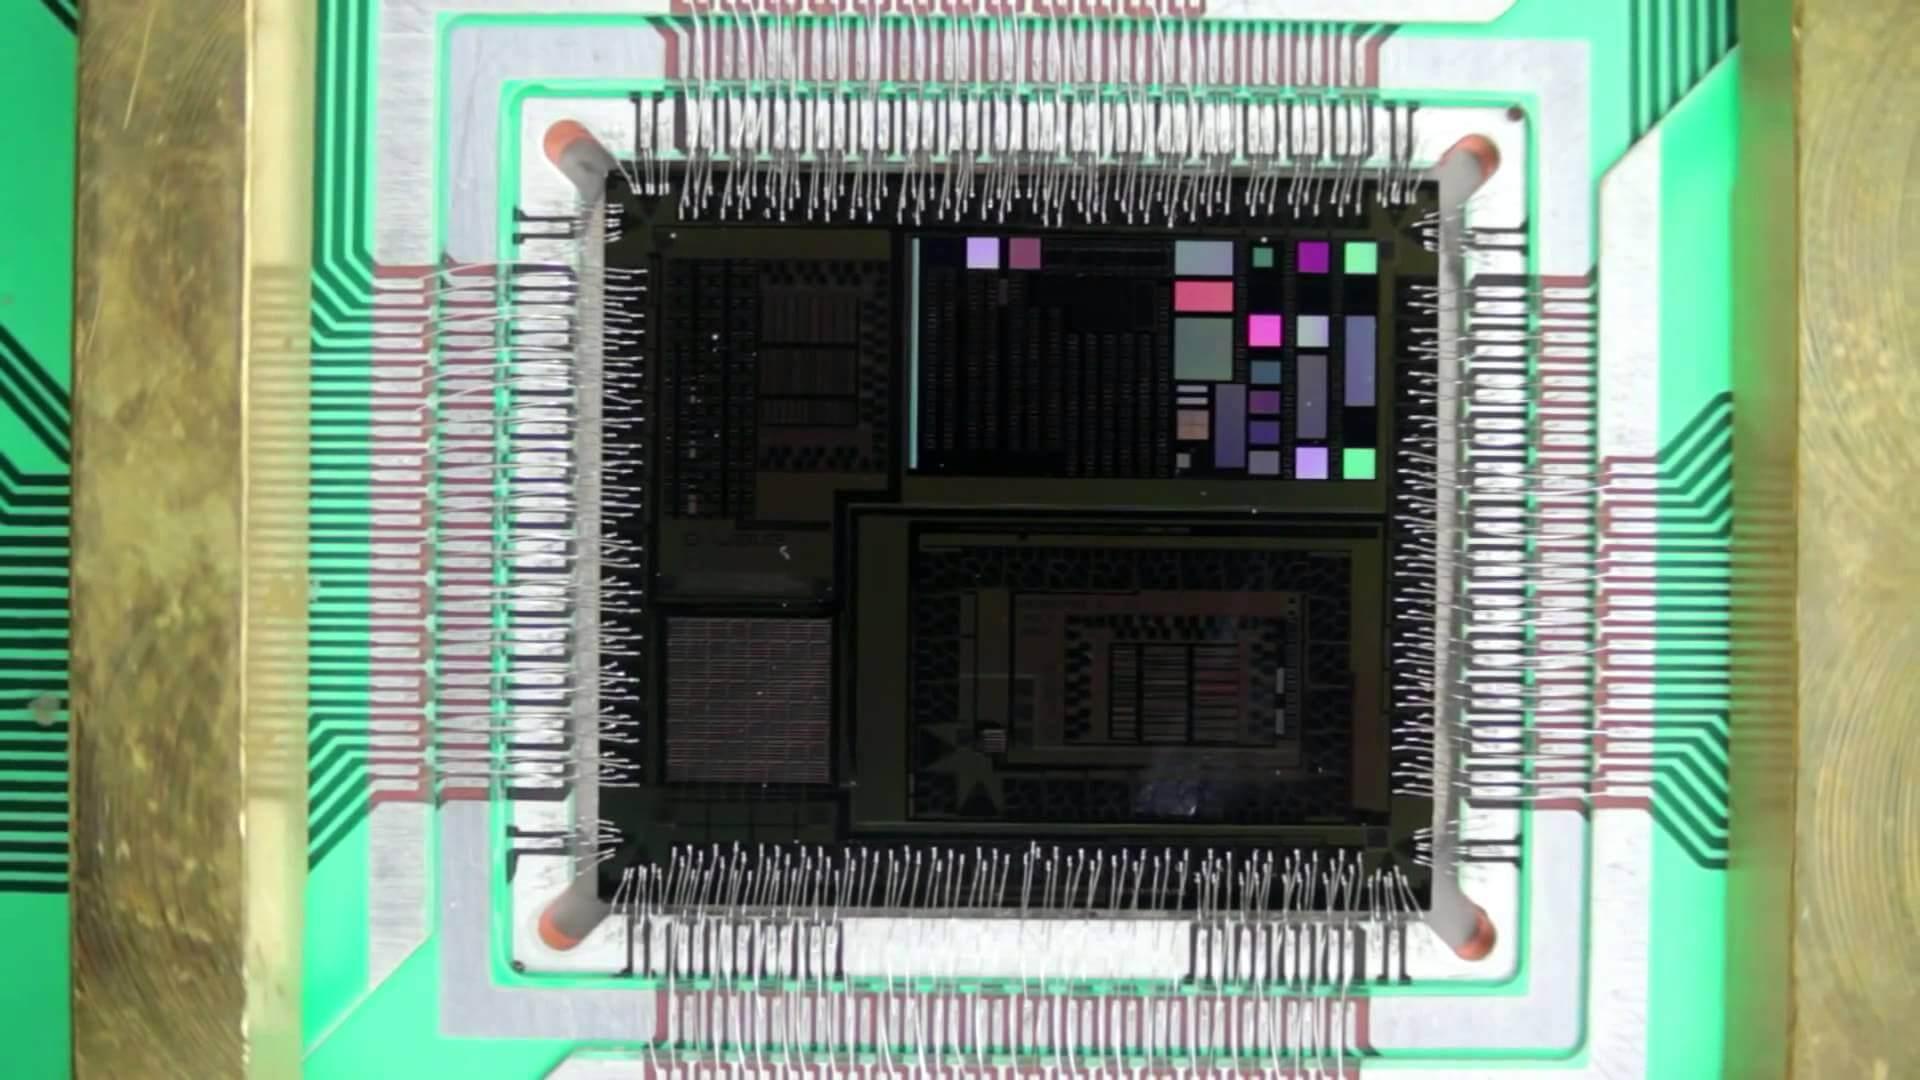 Google: у нас есть доказательства работоспособности нашего квантового компьютера